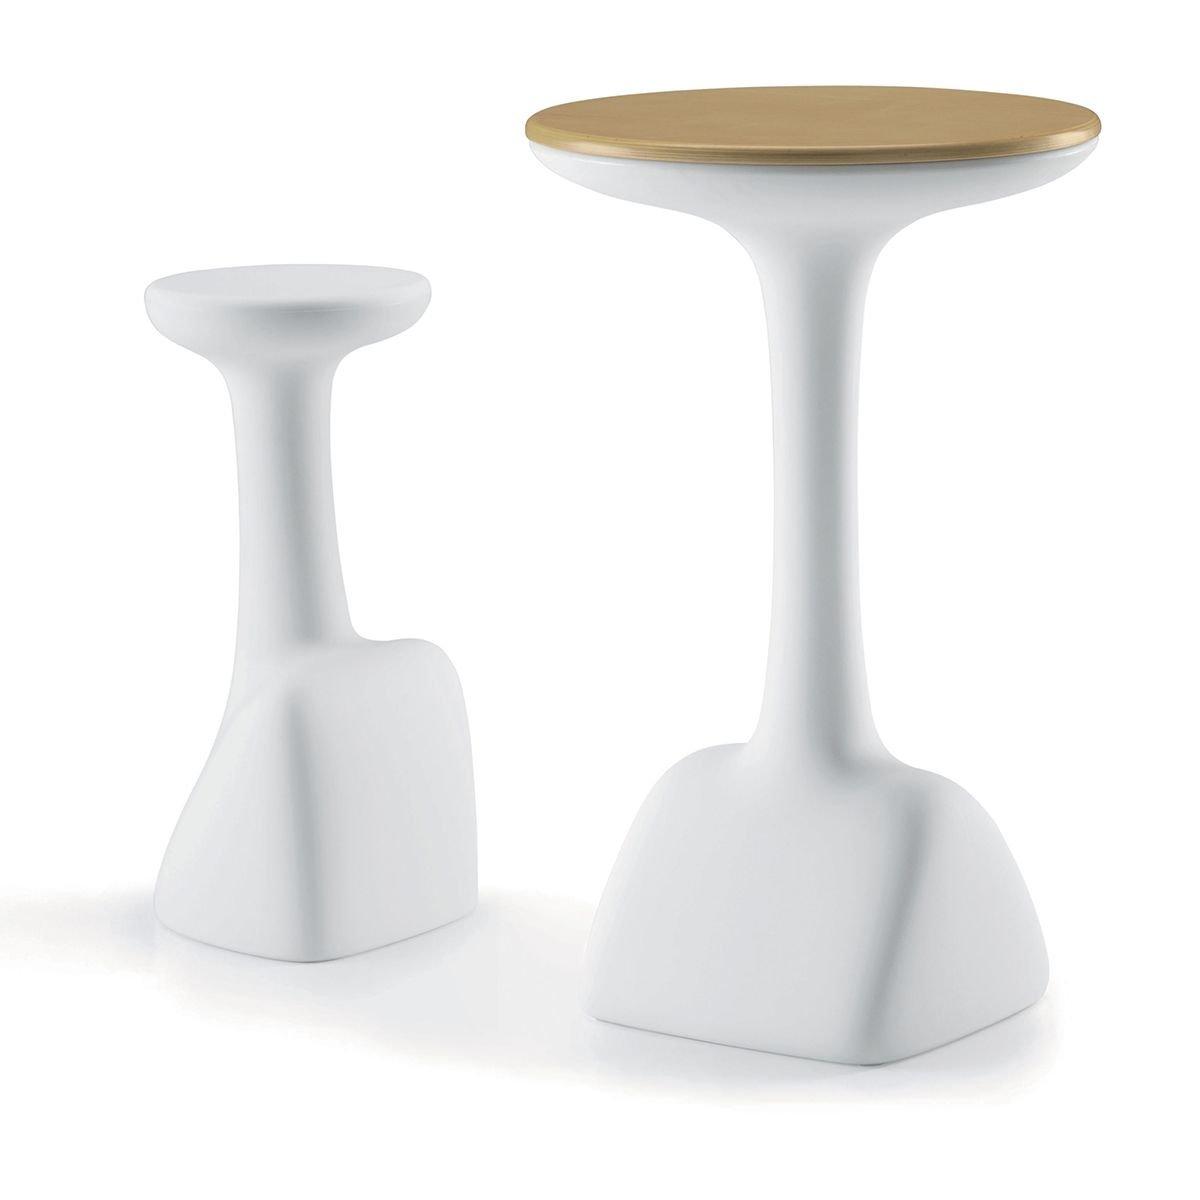 PLUST collection TISCHSTRUKTUR ARMILLARIA TABLE